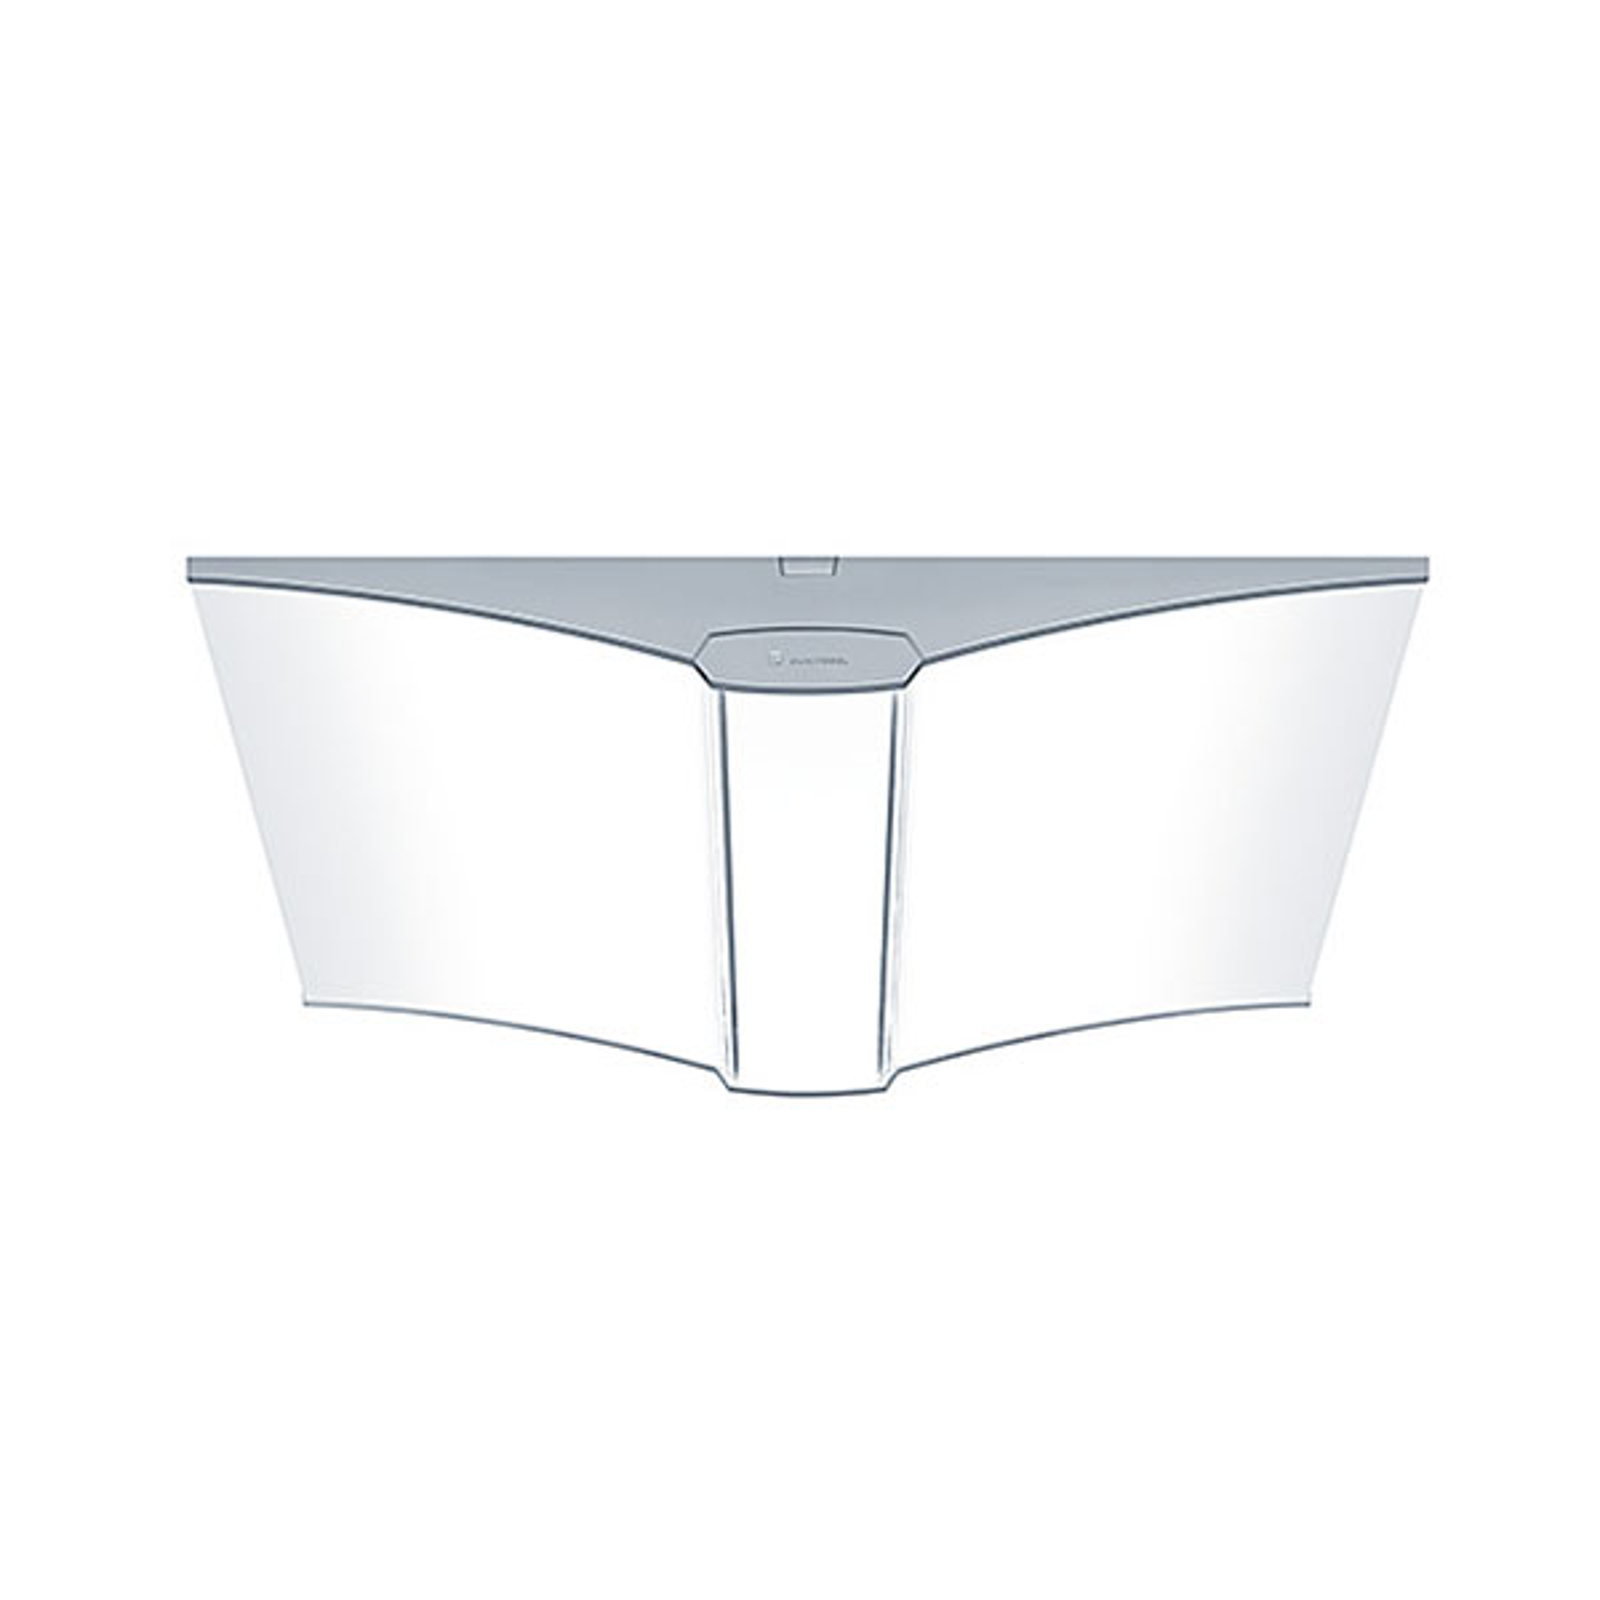 Zumtobel MLevo LED-Deckenlampe 58x60 cm